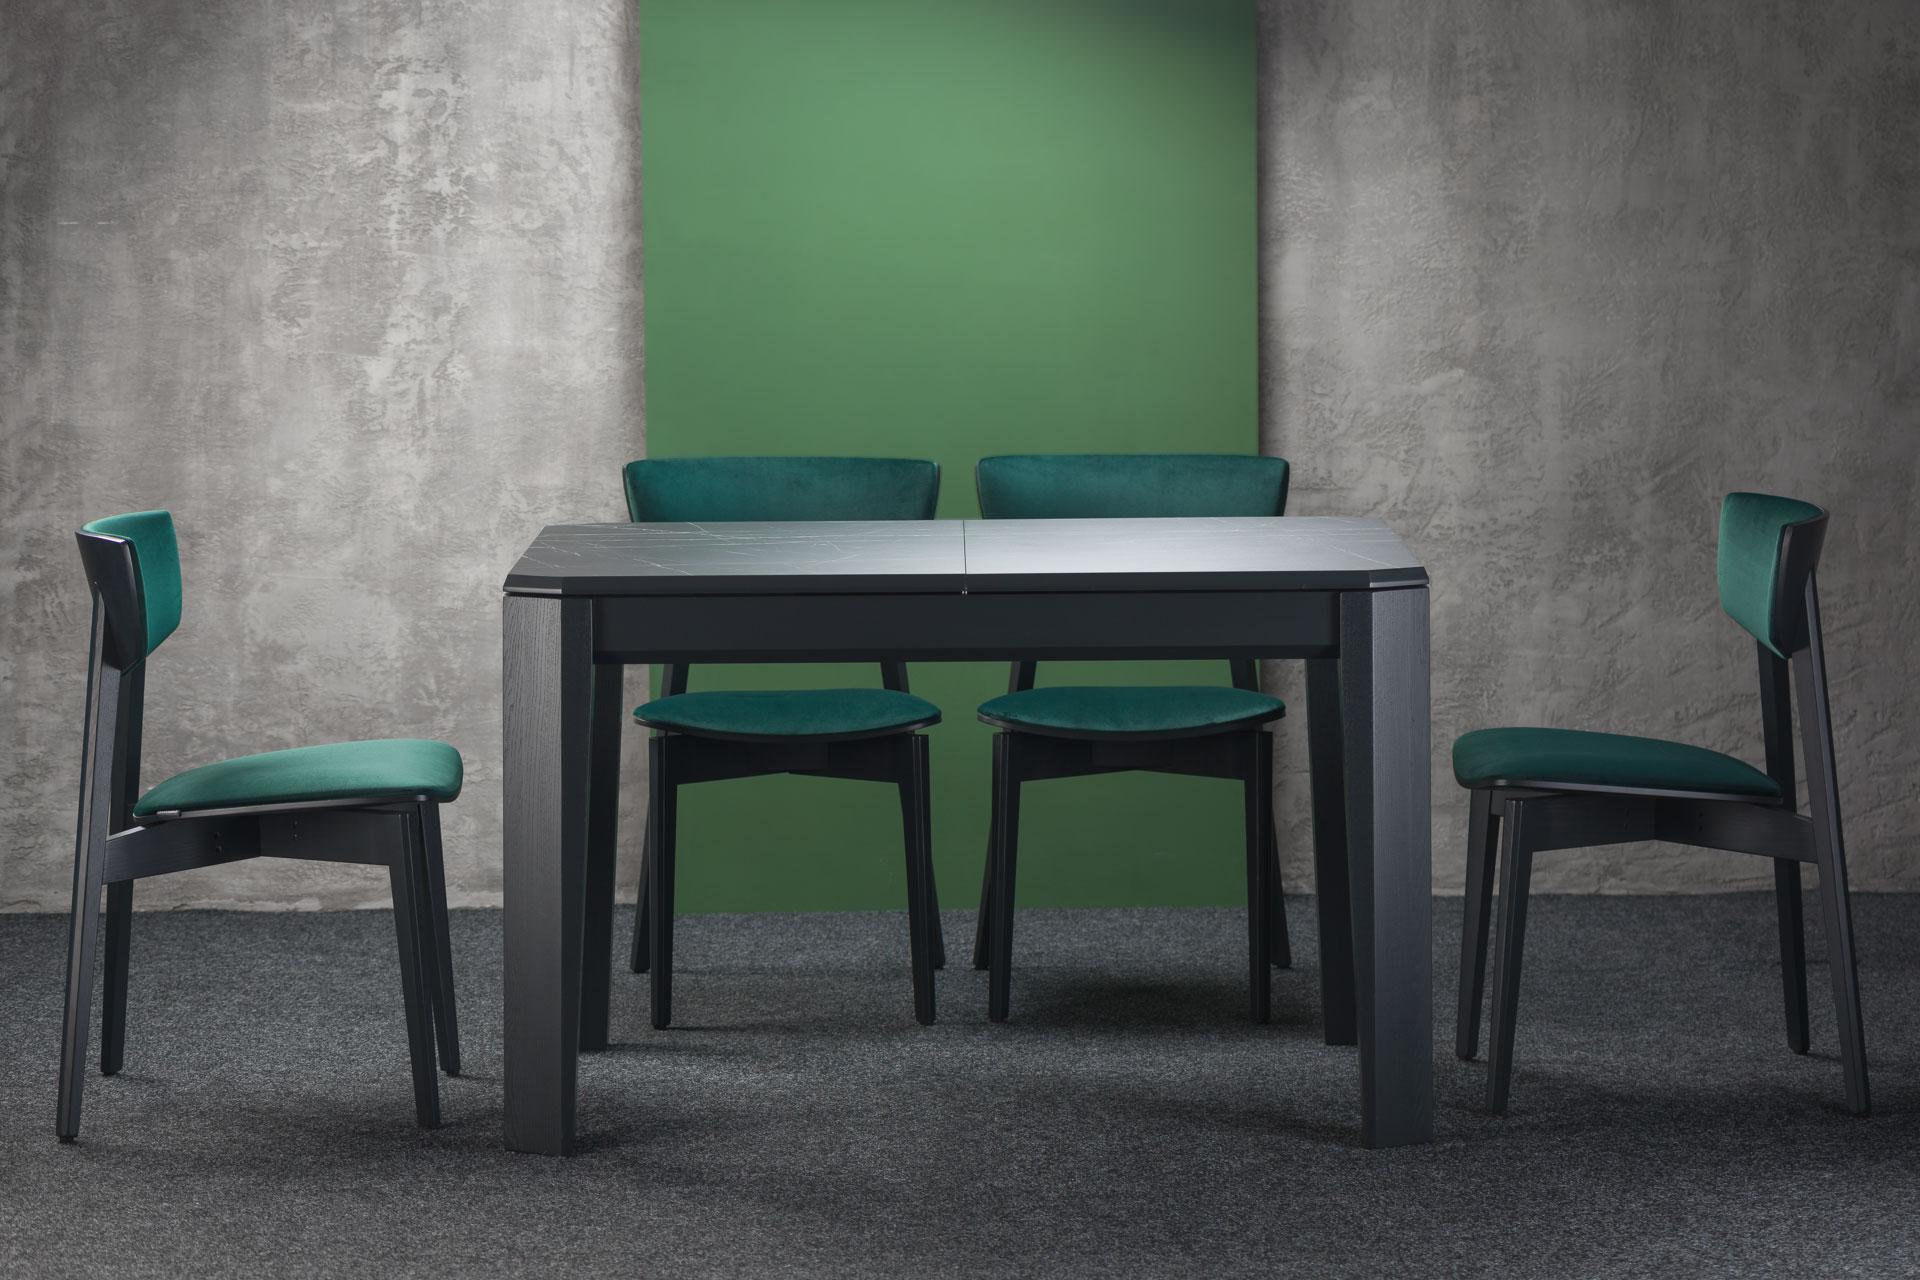 """Кухонный комплект: раскладной черный стол """"Варгас"""" HPL-столешница + 4 стула """"Орто"""" - черные ножки и спинка, мягкая зеленая обивка из велюра."""